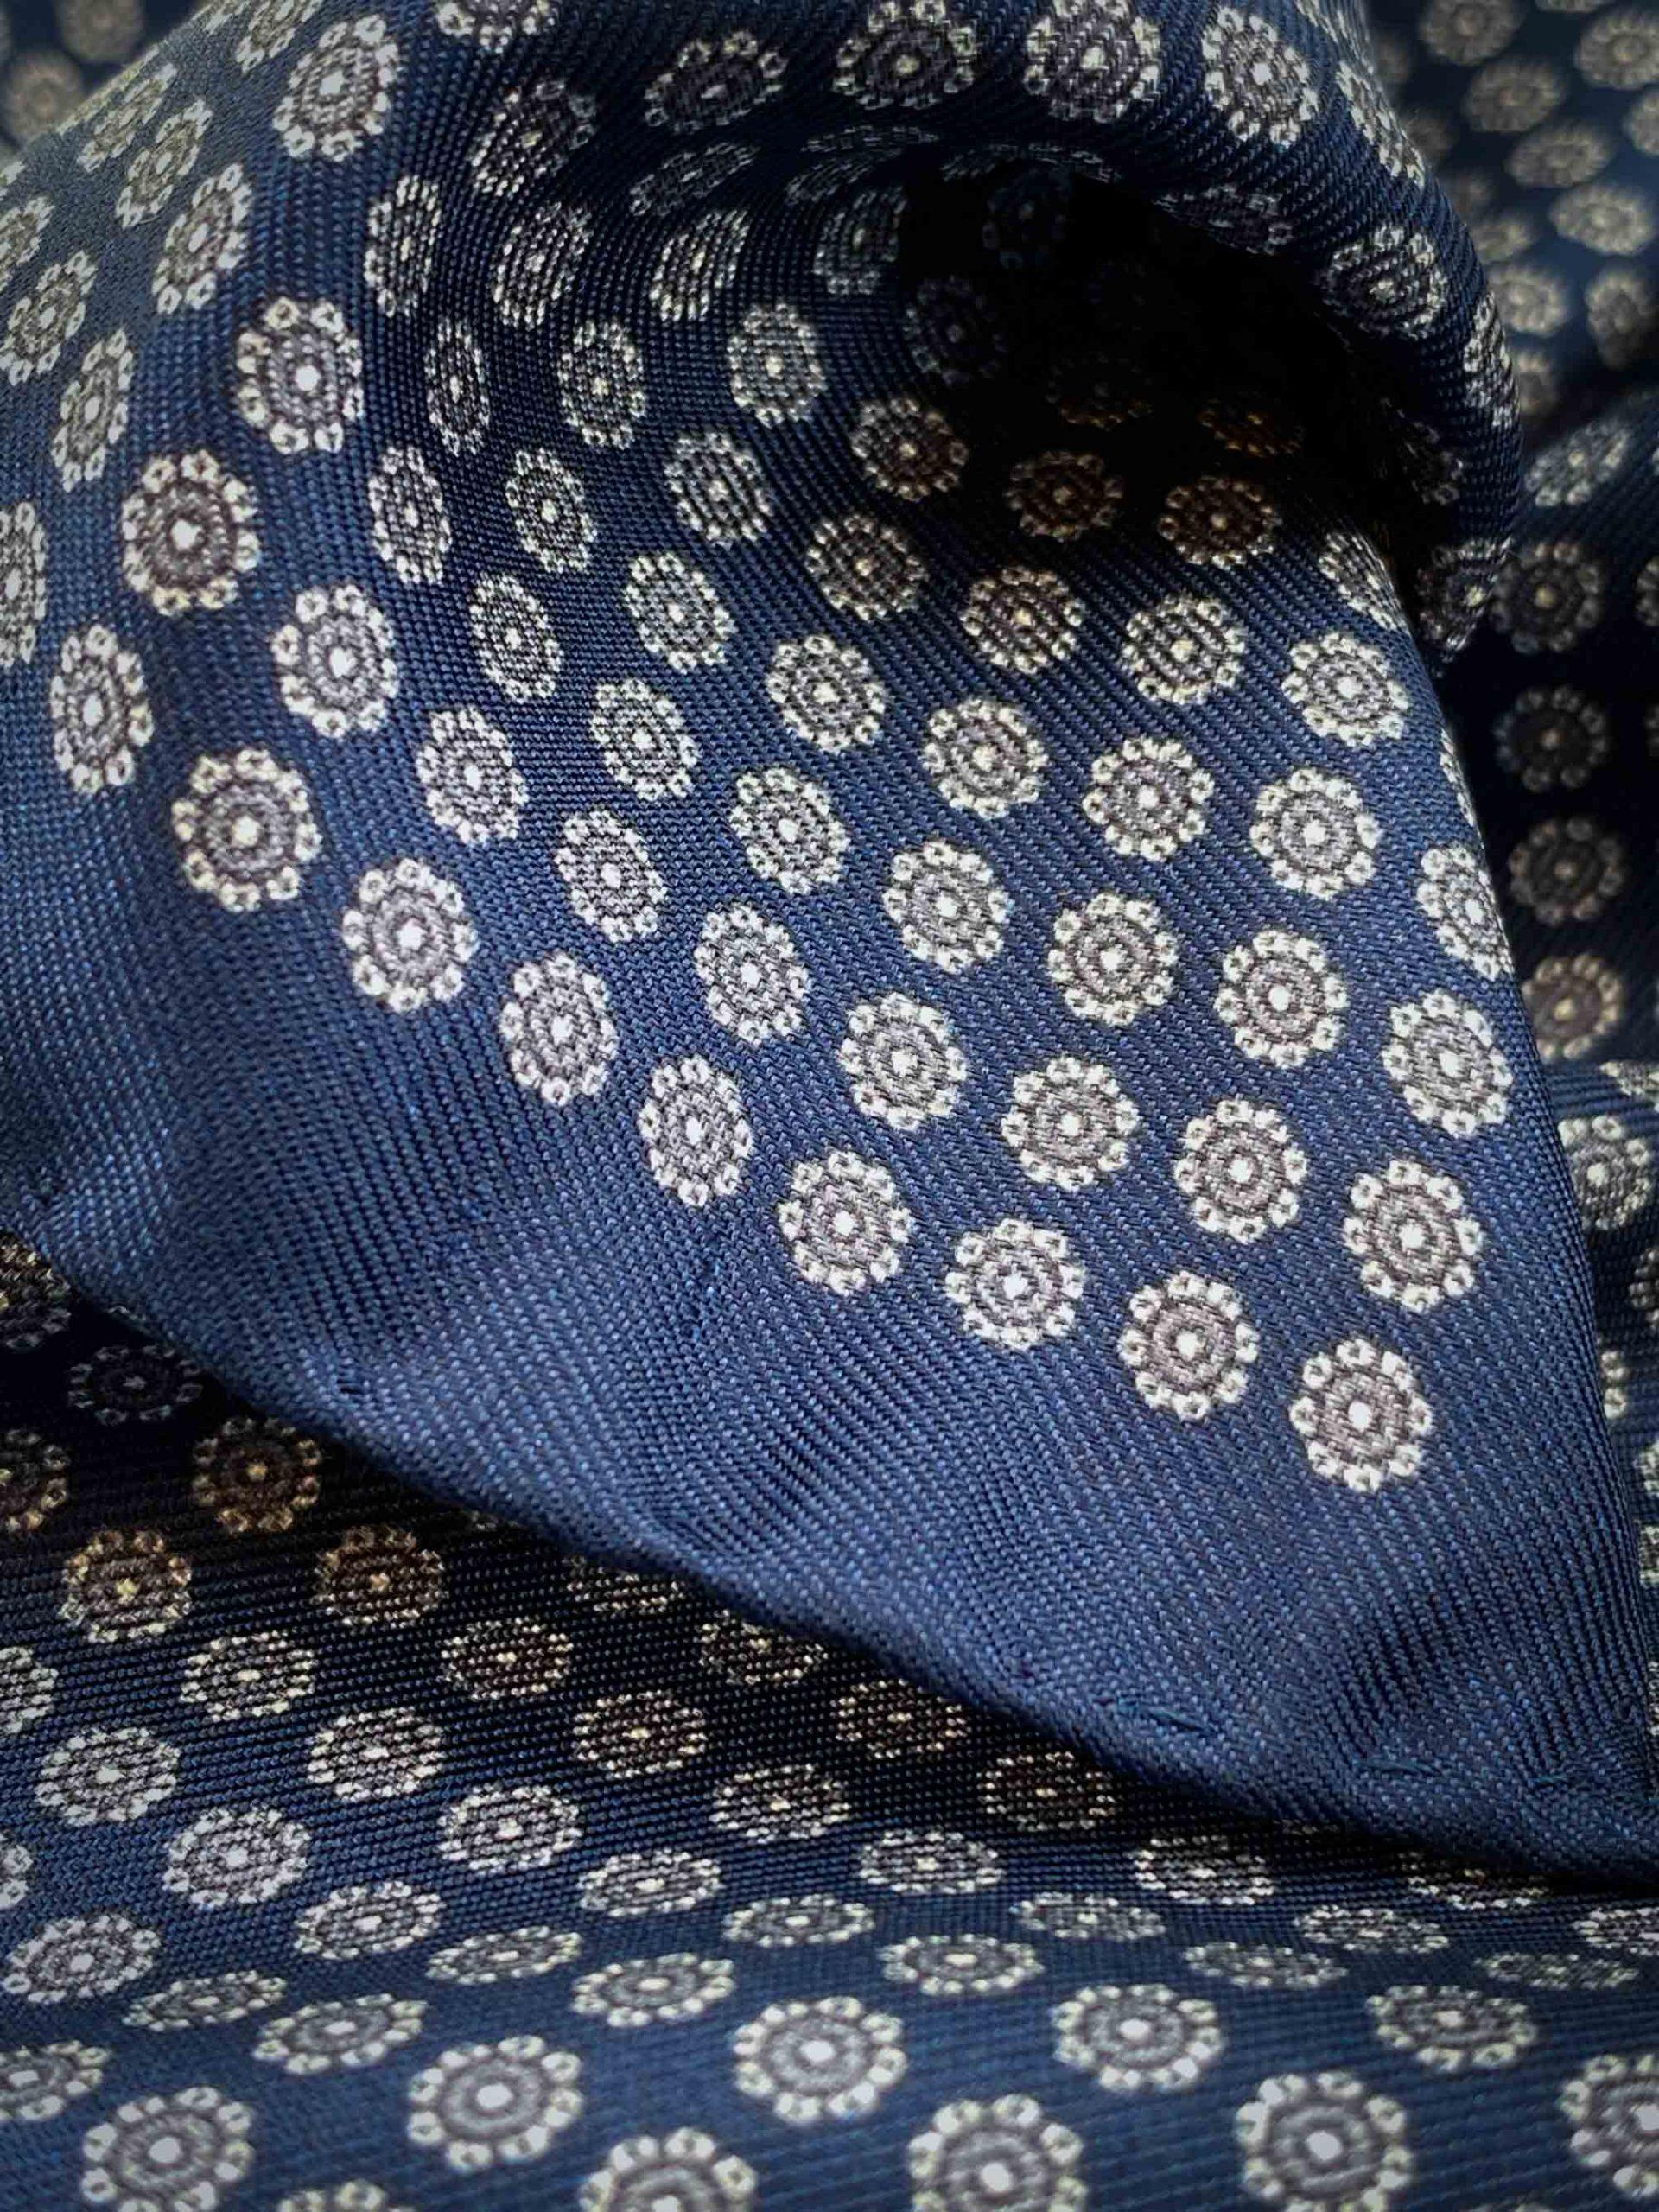 pochettes seda buona fortuna panuelos exclusivos comprar online moda italiana panuelo estampado verde azul marino gris shop